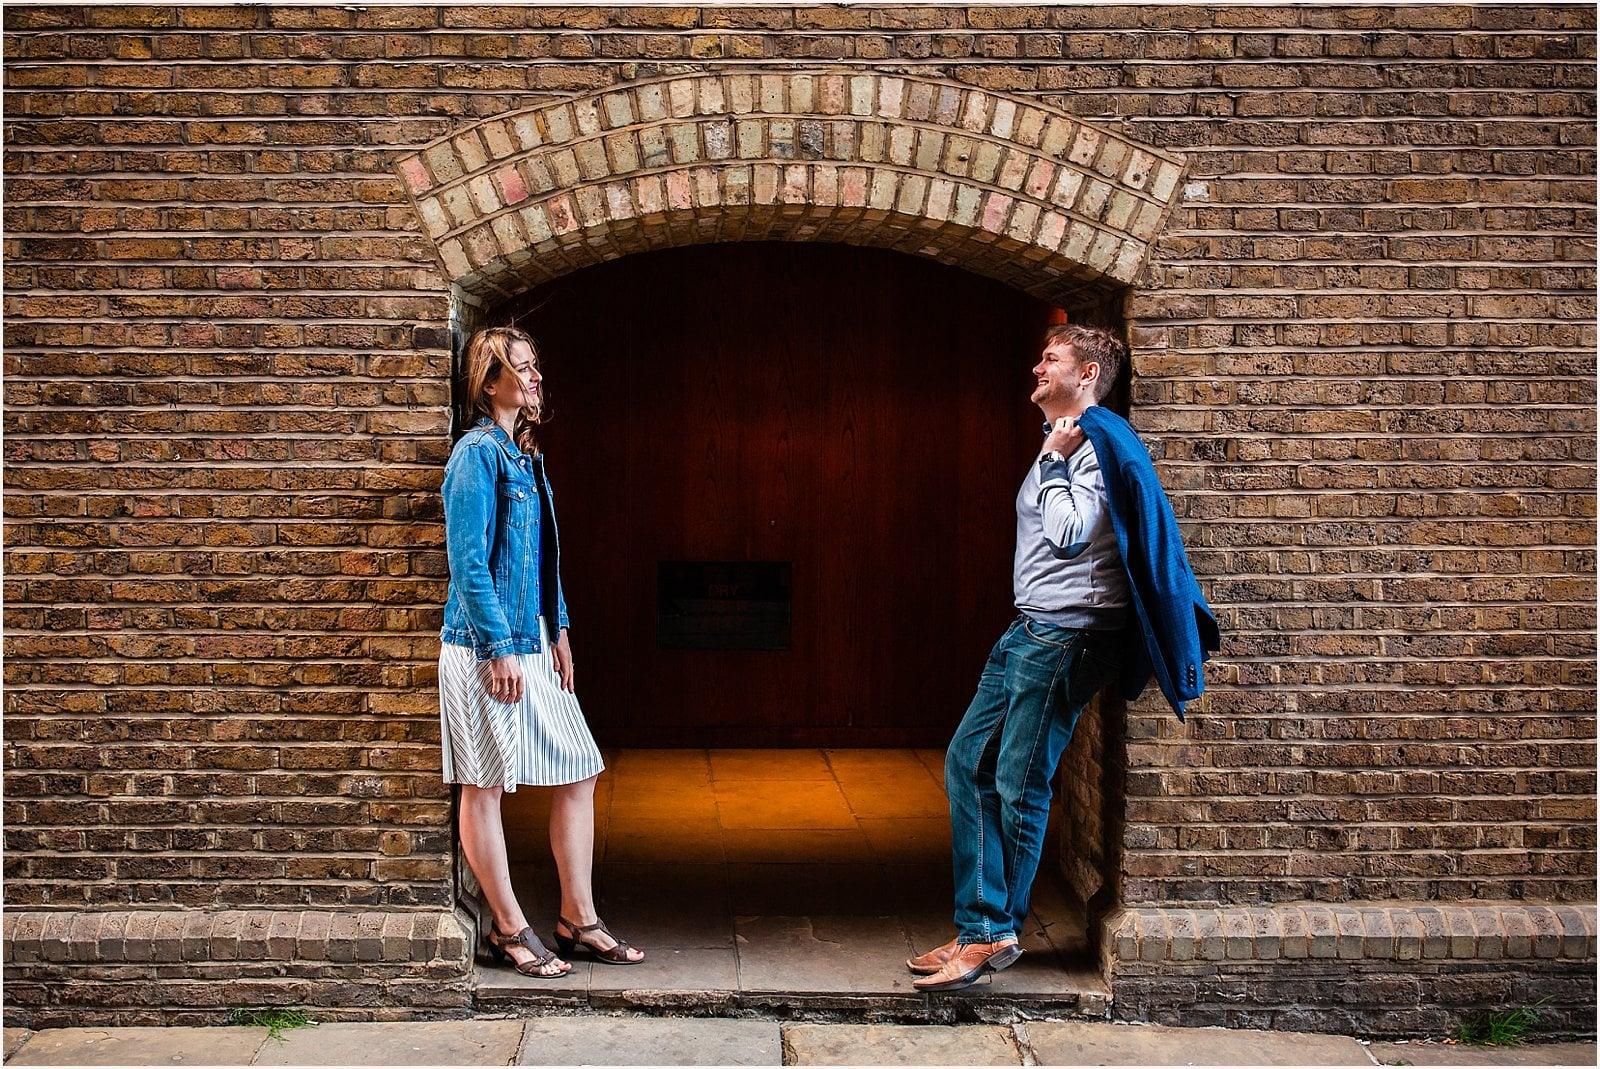 Stunning London Engagement Photos - Ksenia & Iain 7